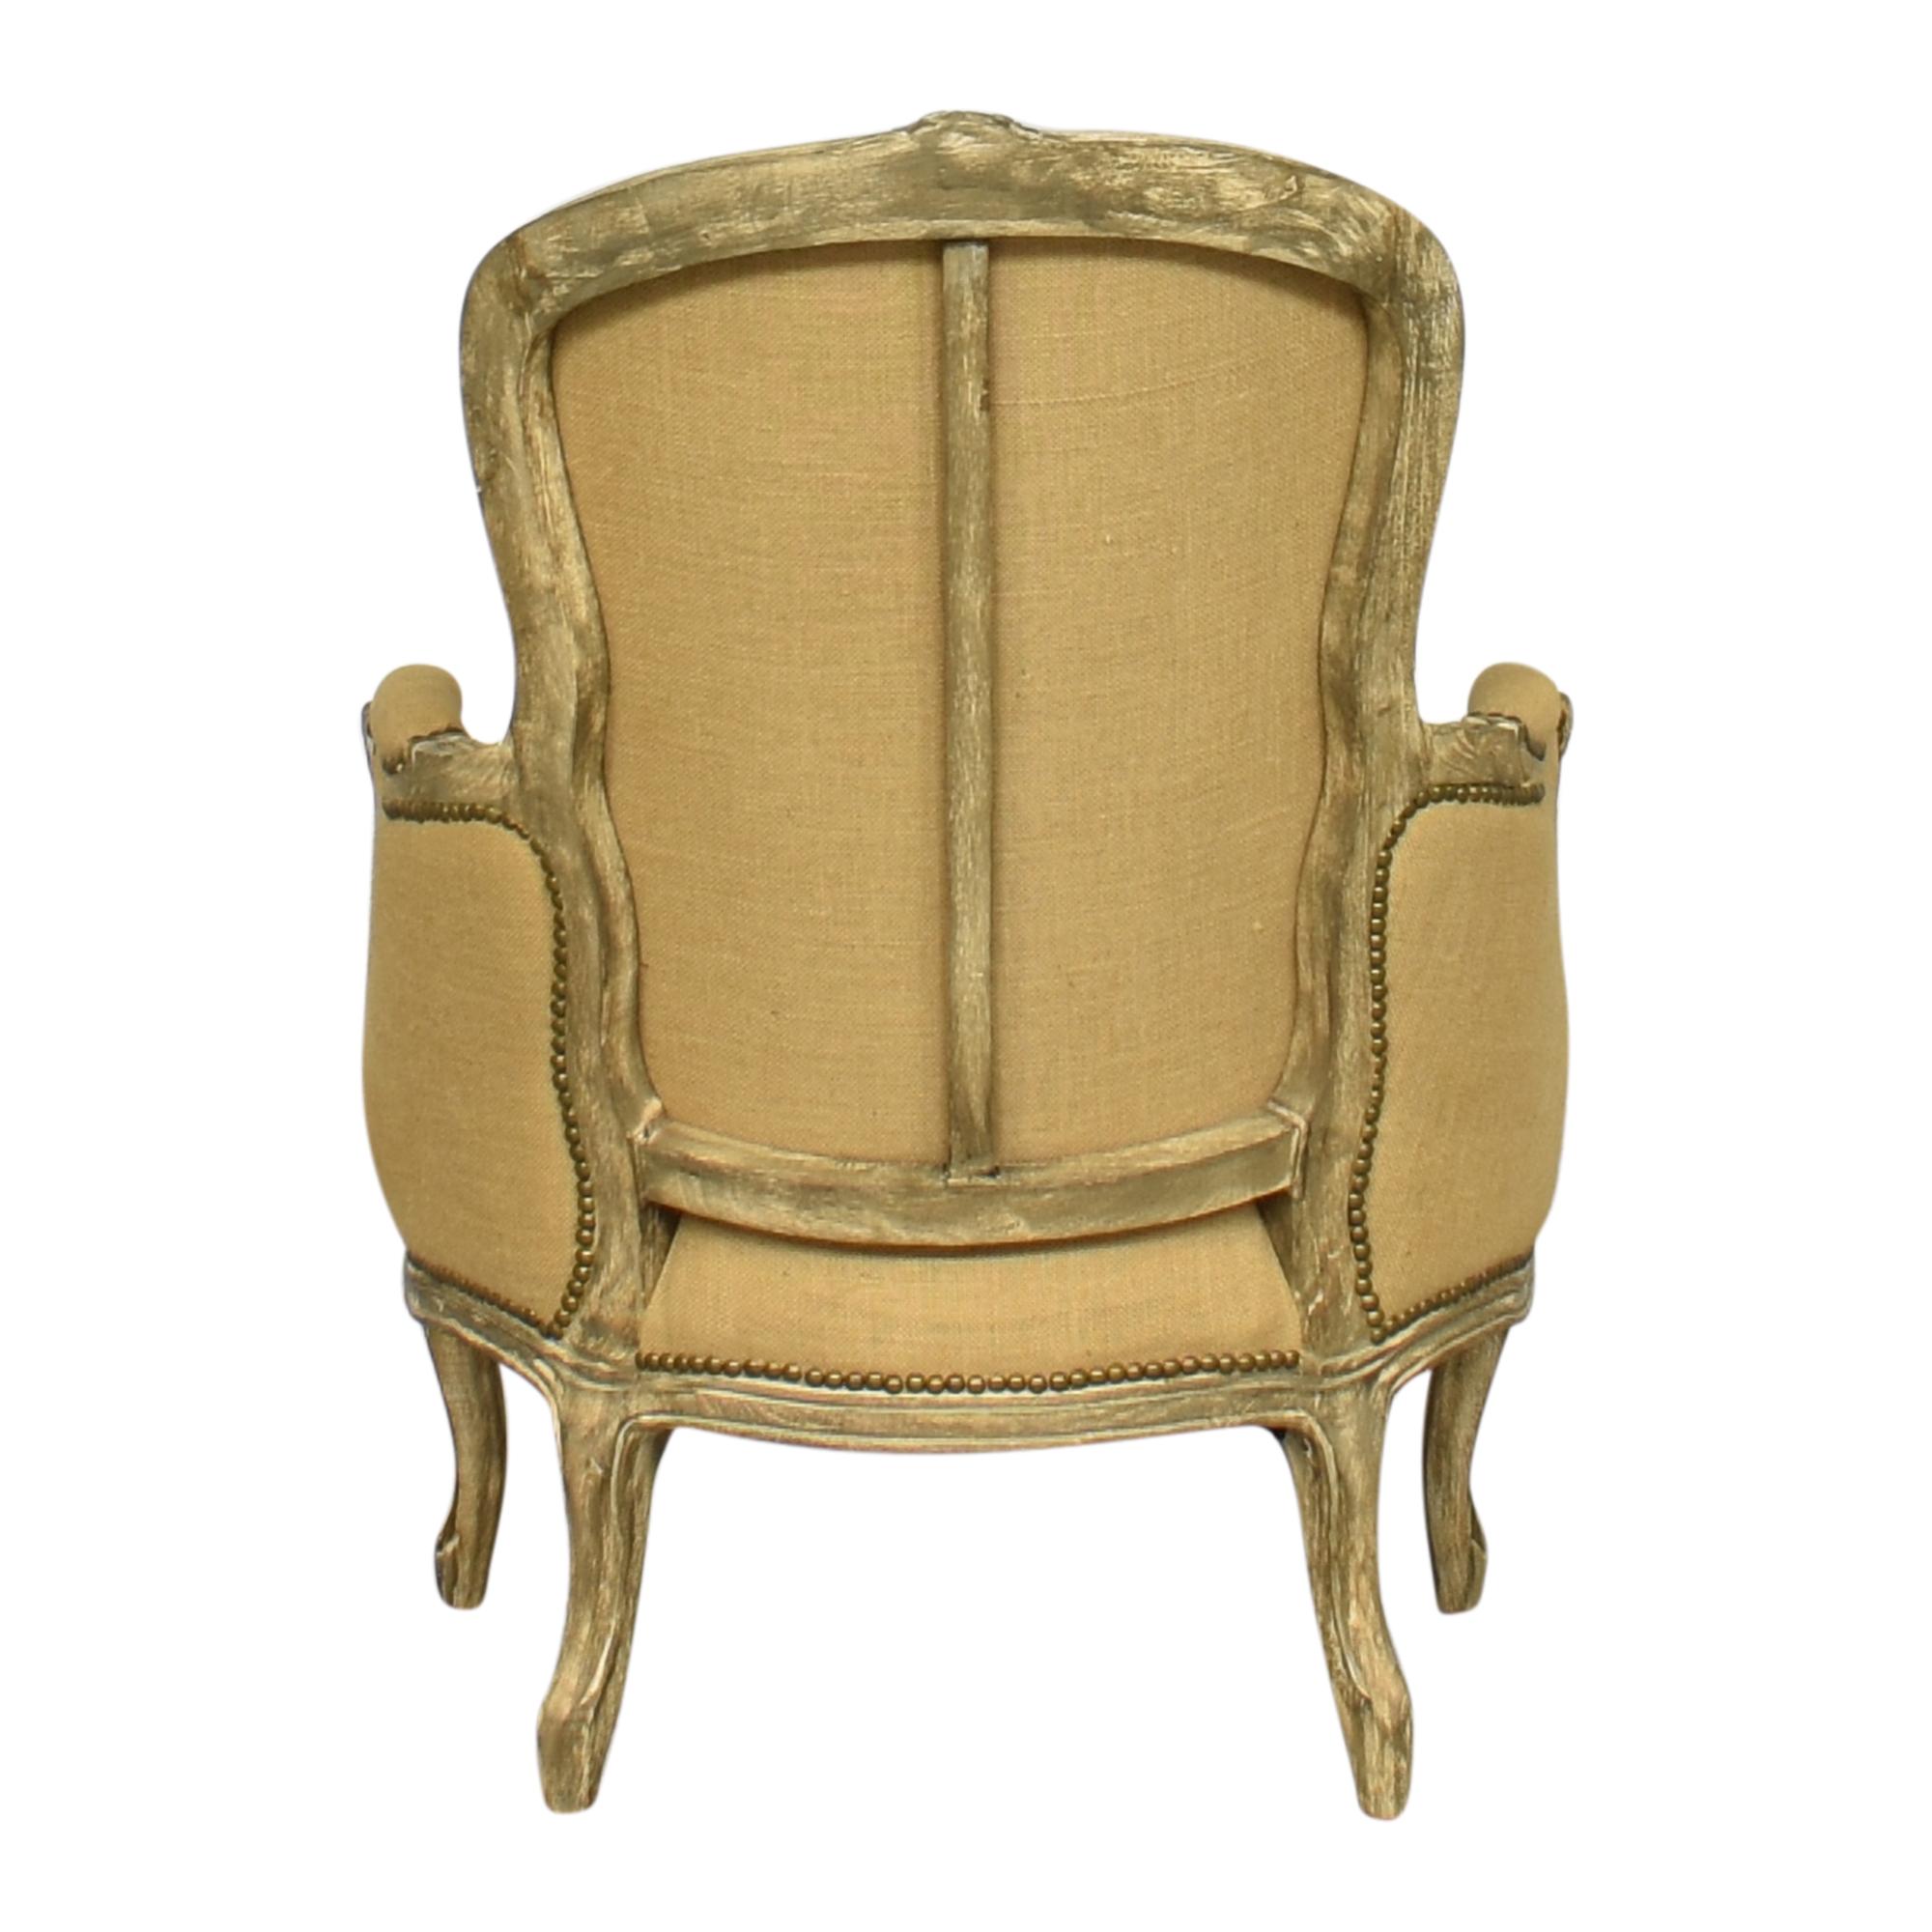 Arhaus Arhaus Charlotte Chair for sale